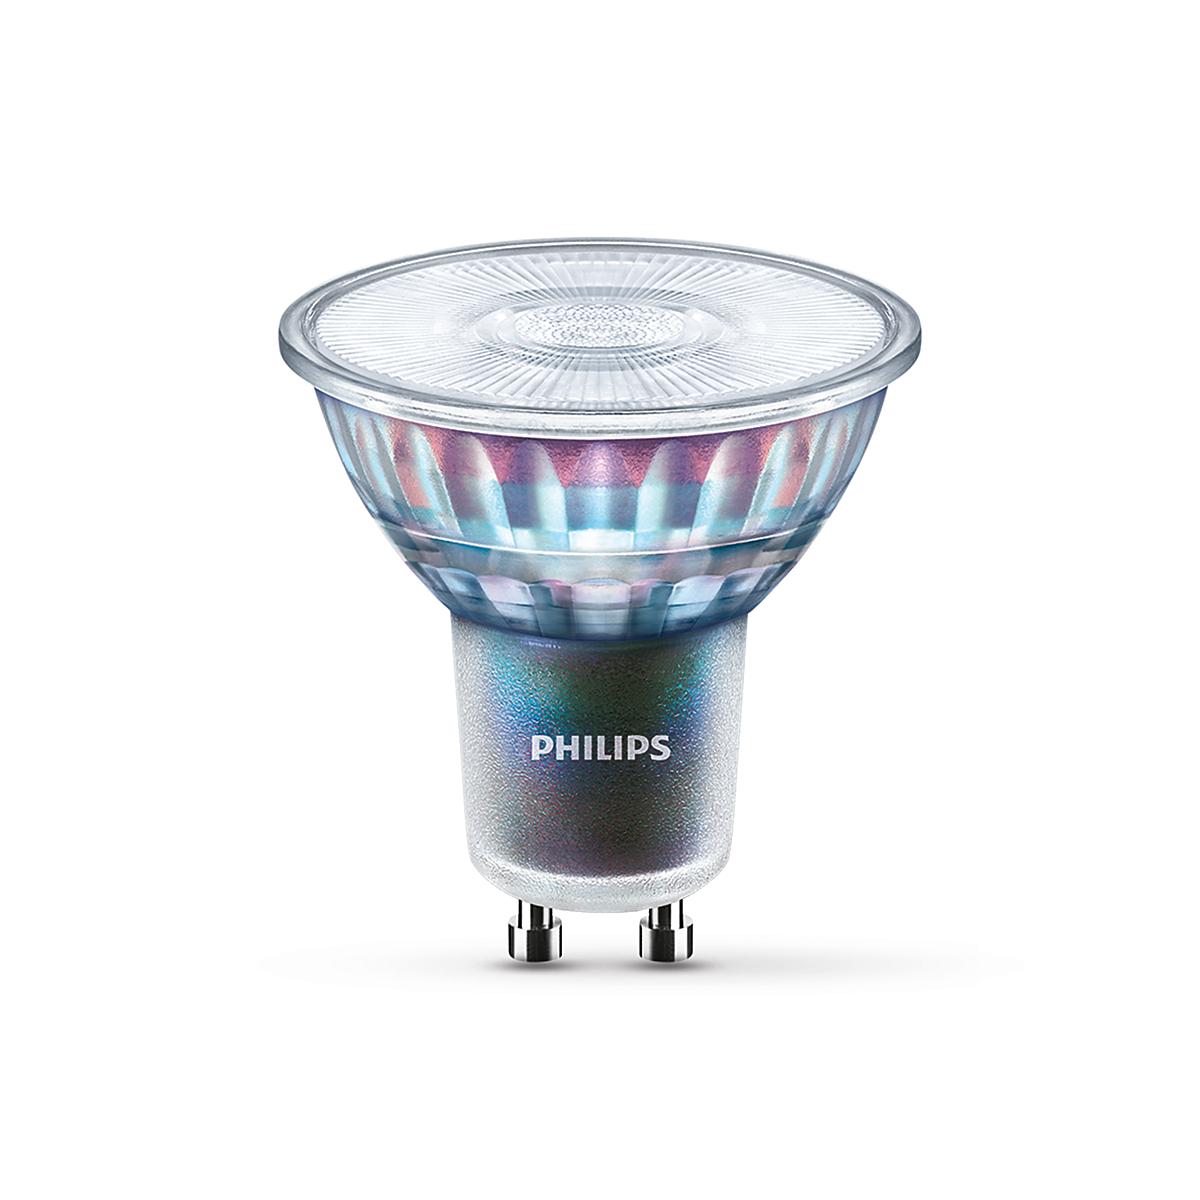 master led lampen philips philips lighting. Black Bedroom Furniture Sets. Home Design Ideas